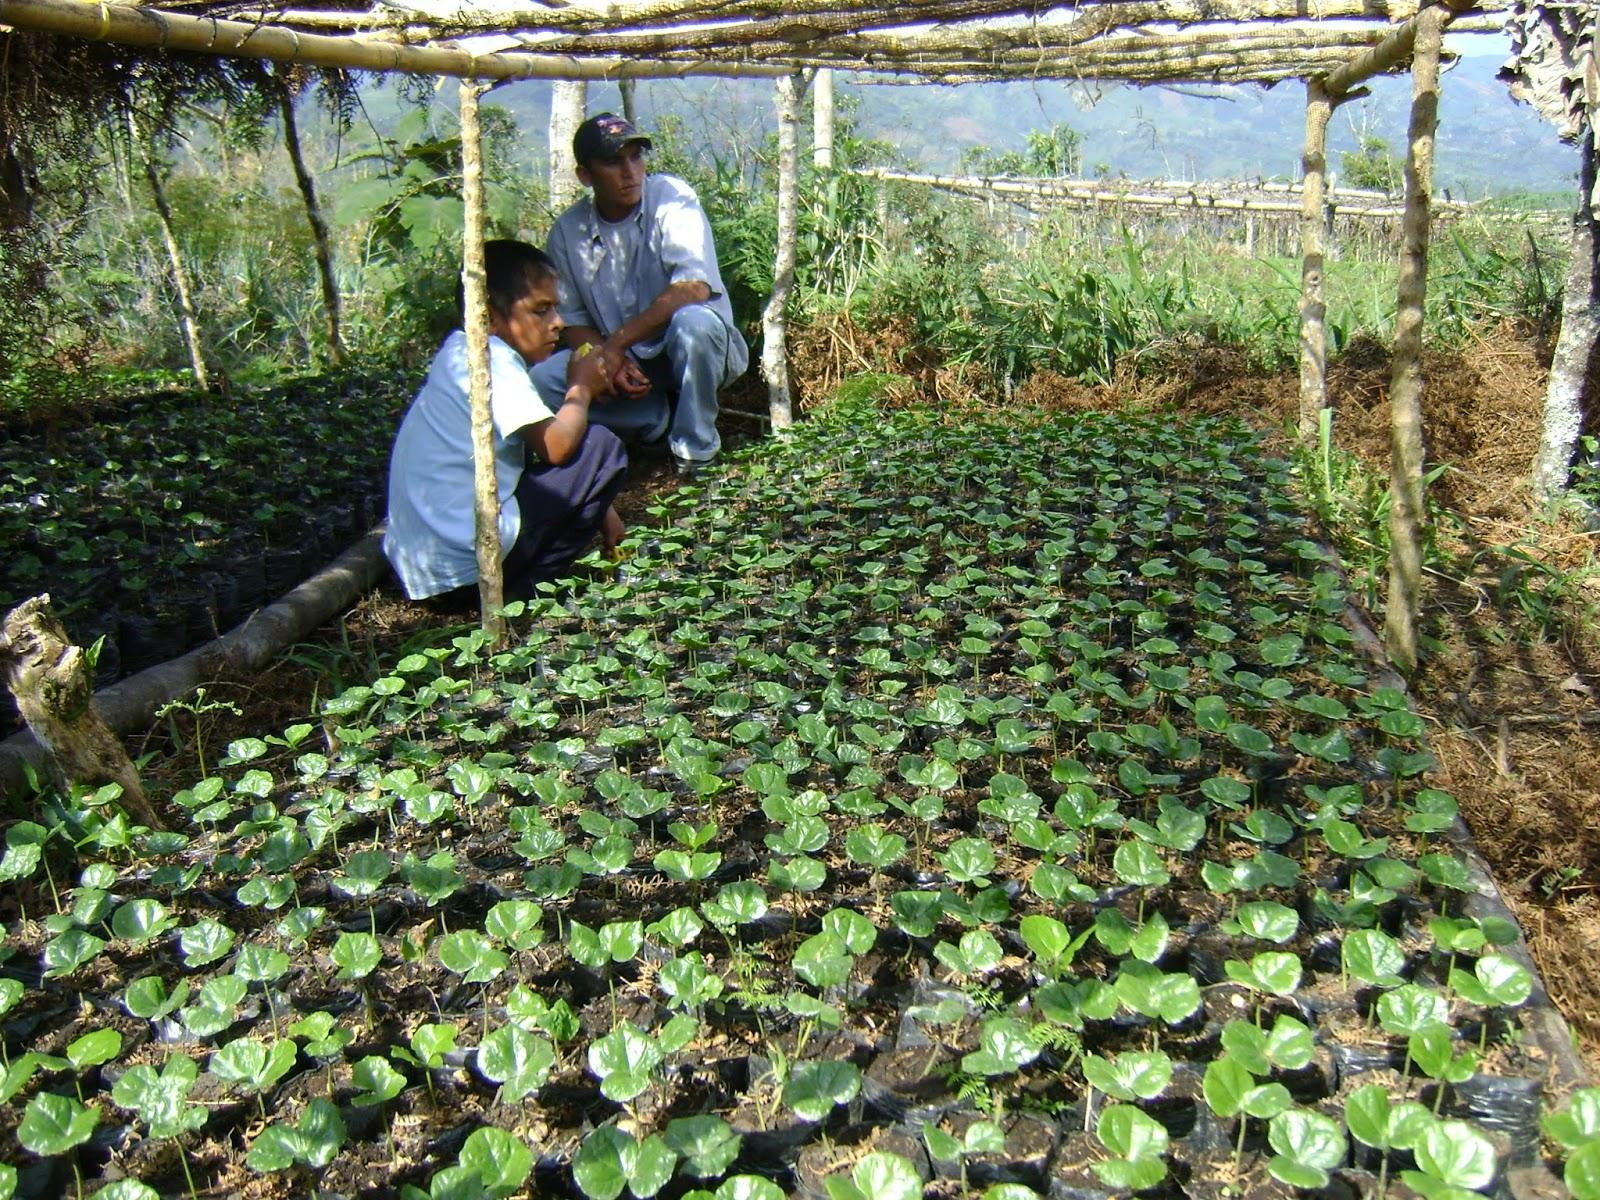 Ruta cafetera del huila turismo en el huila agencia de for Viveros en colombia